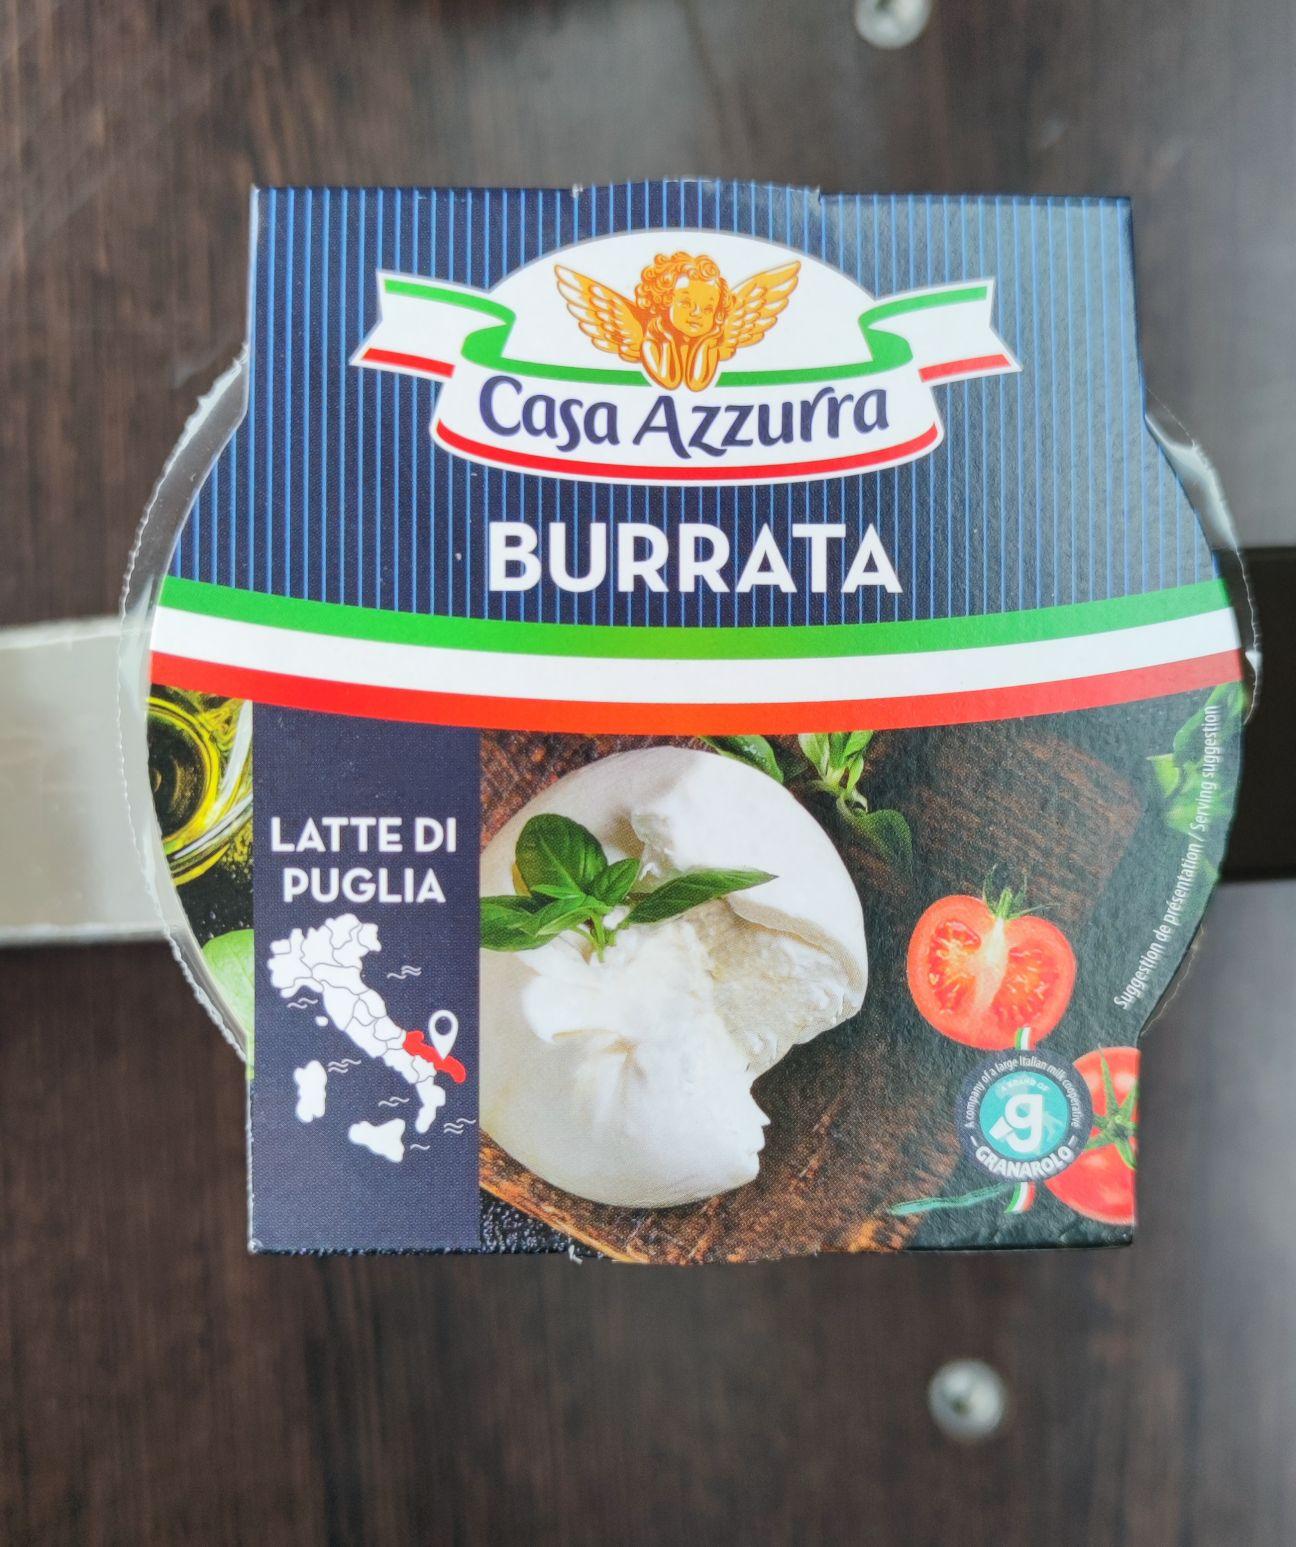 2 Burrata au lait de vache Casa Azzura (2x 125g) - Auchan Vélizy (78)